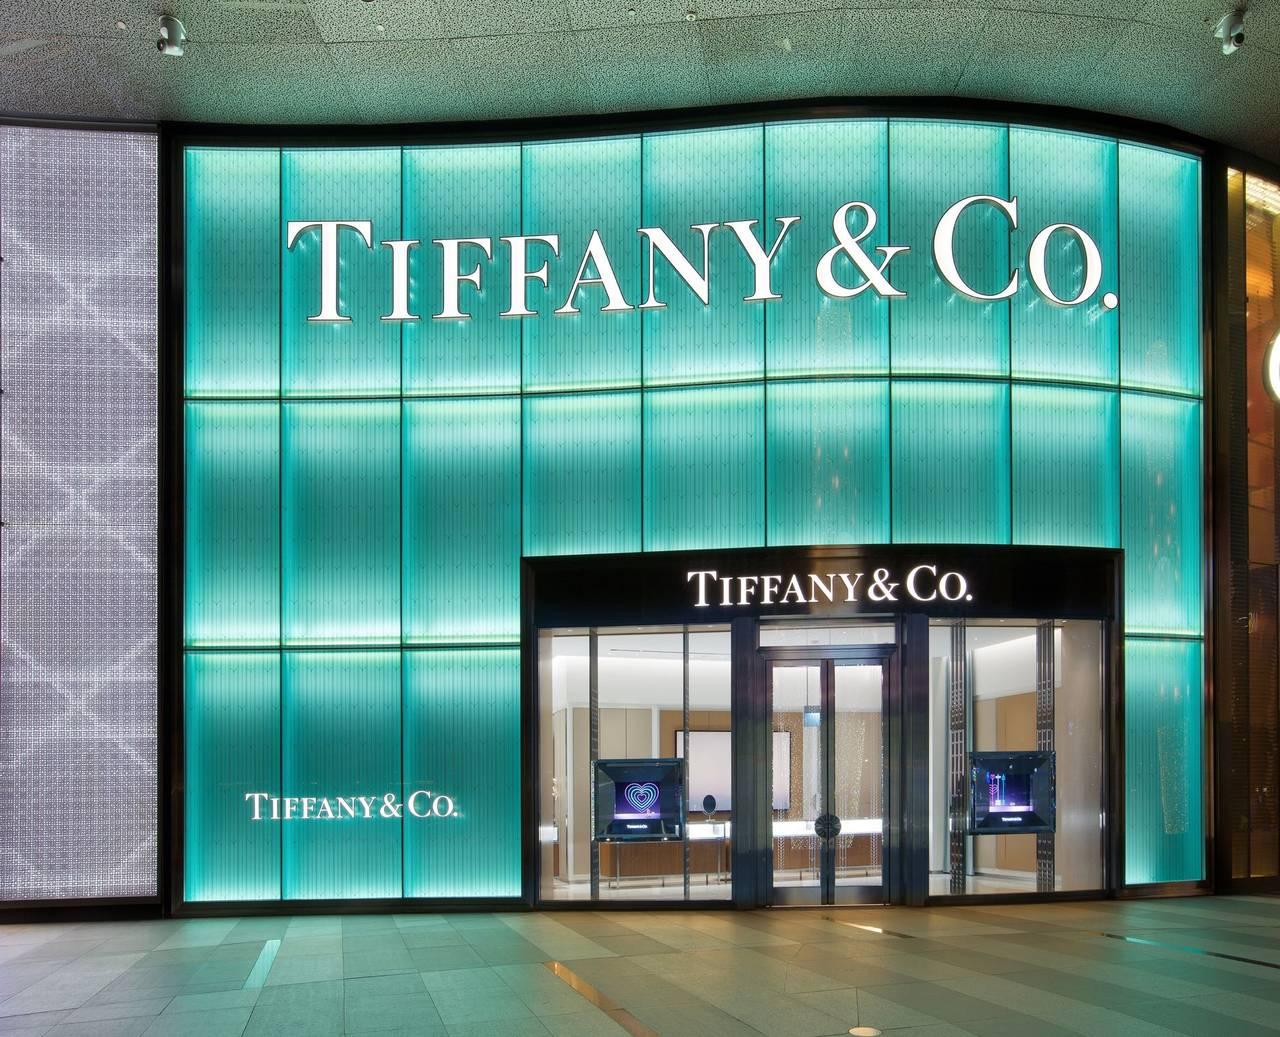 Colpo grosso di Bernard Arnault. LVMH acquisisce i gioielli di Tiffany